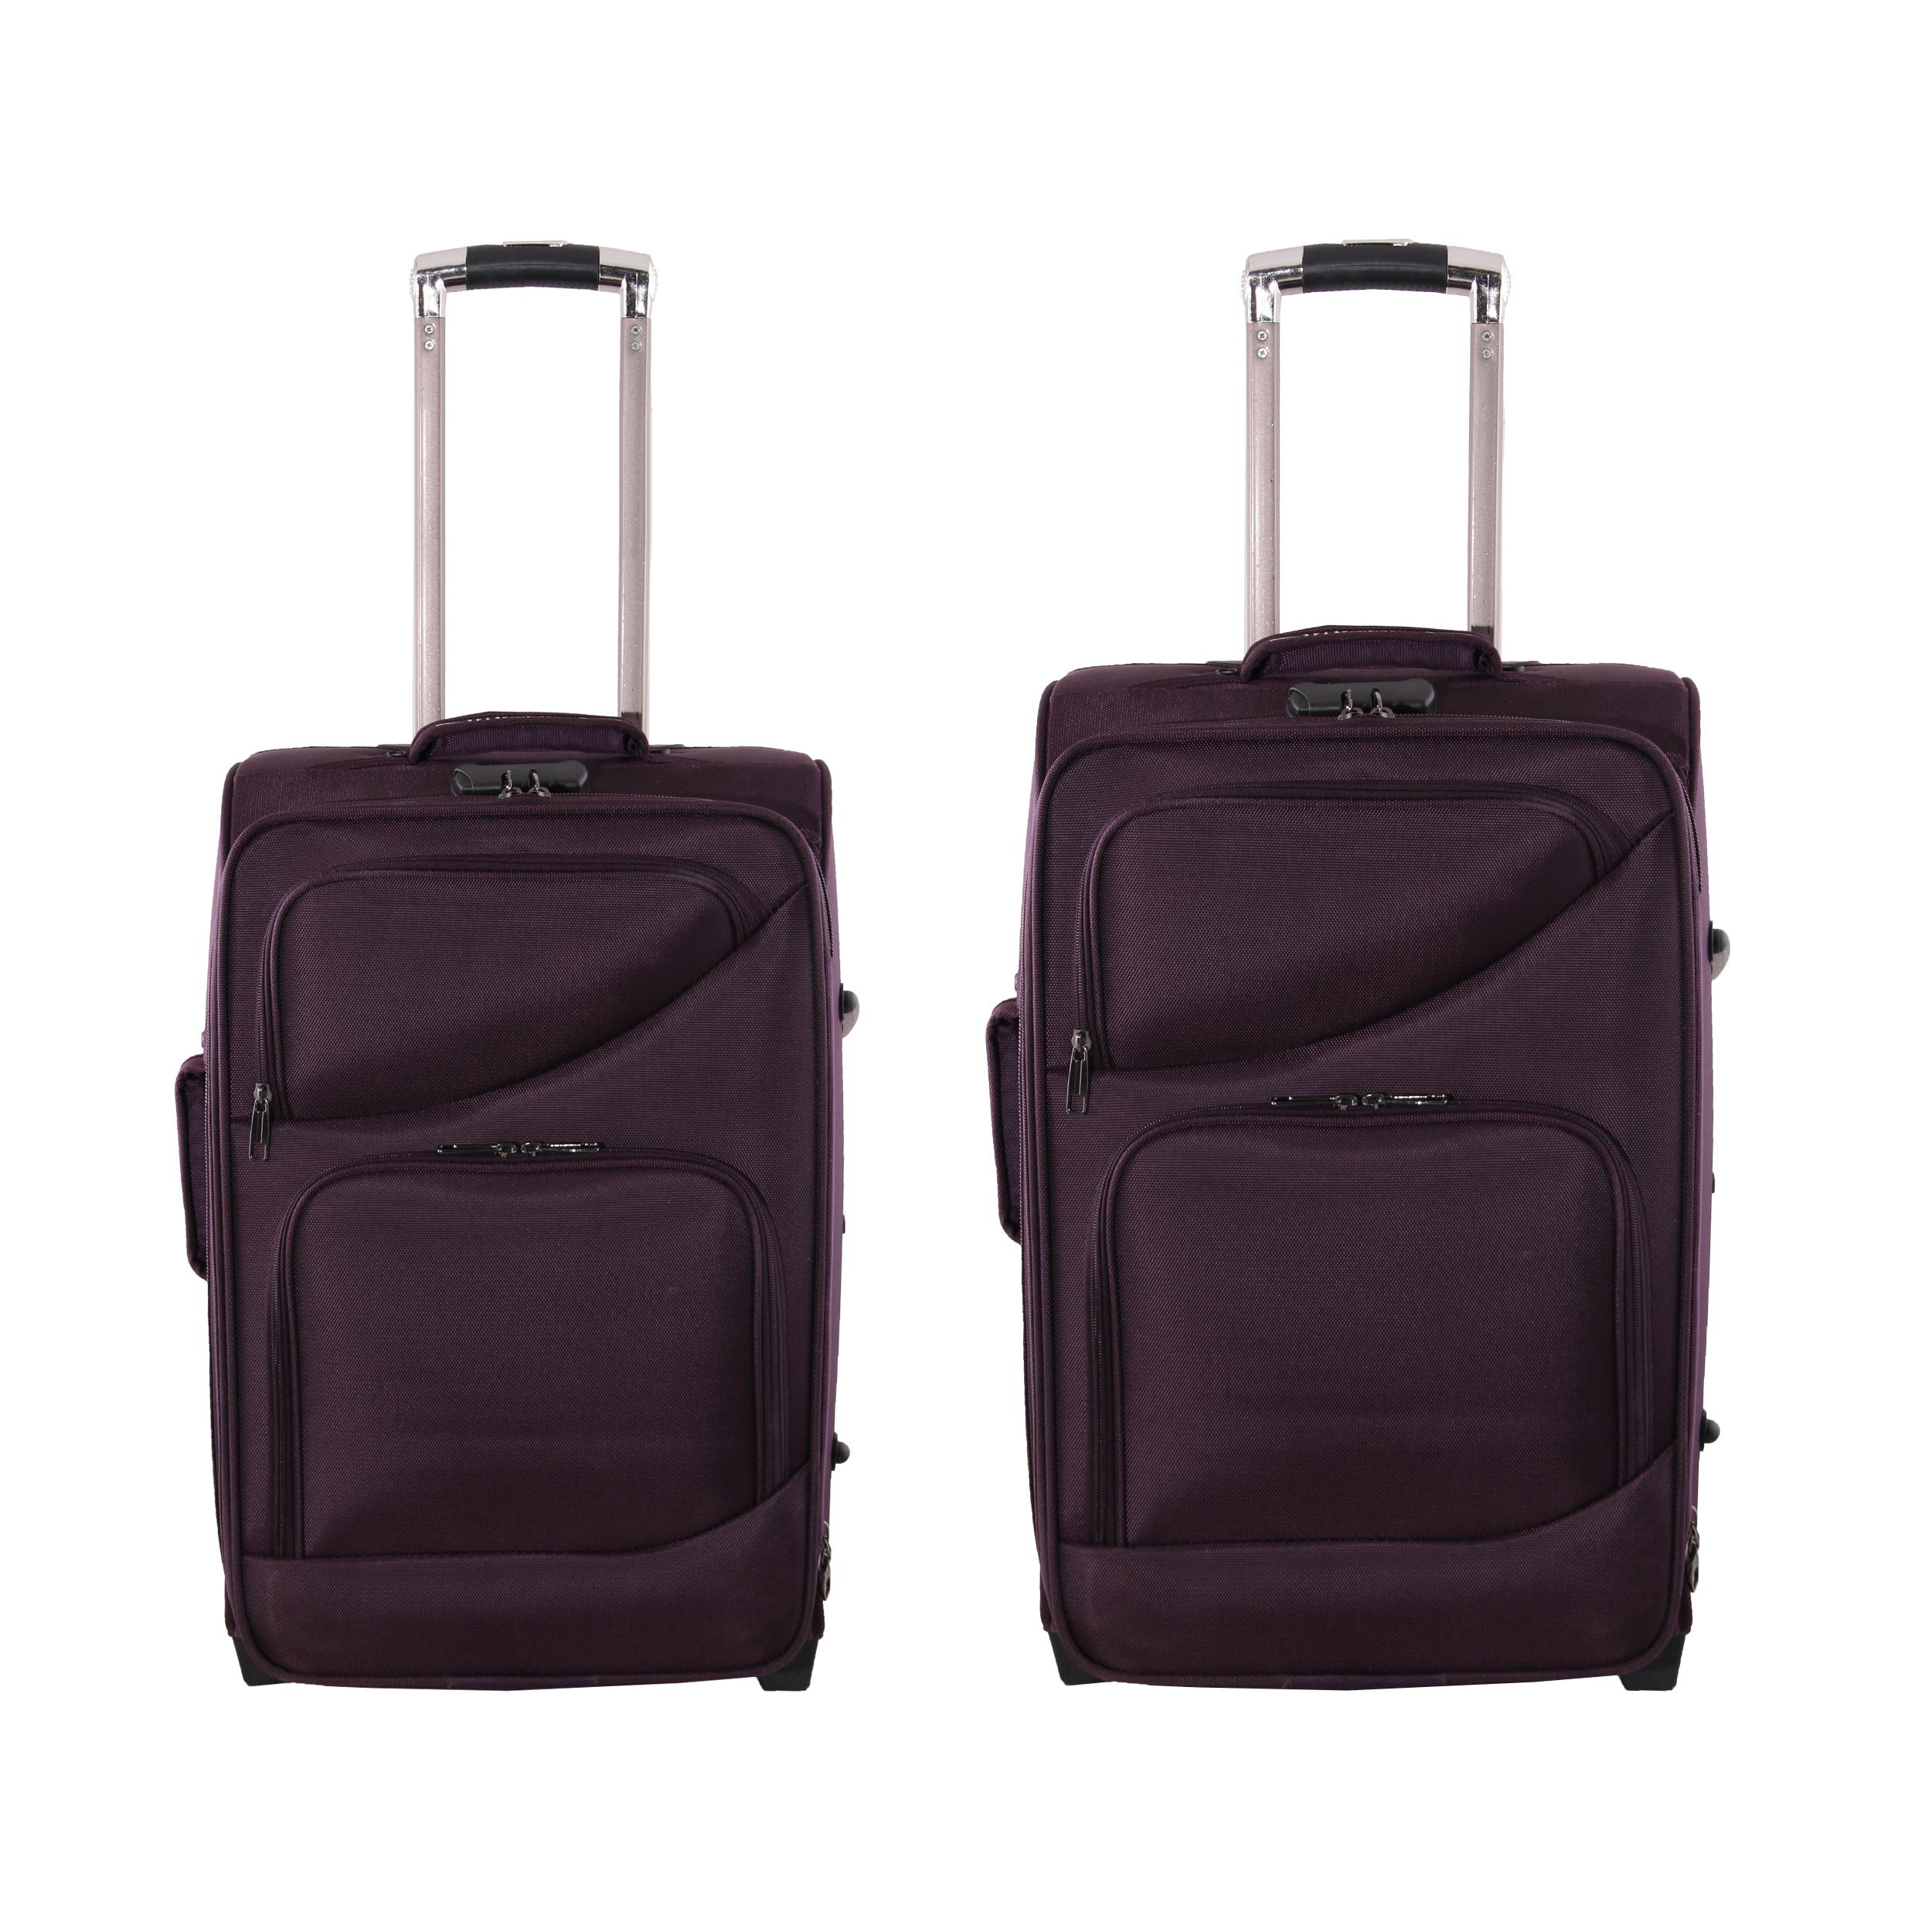 مجموعه دو عددی چمدان مدل A1022